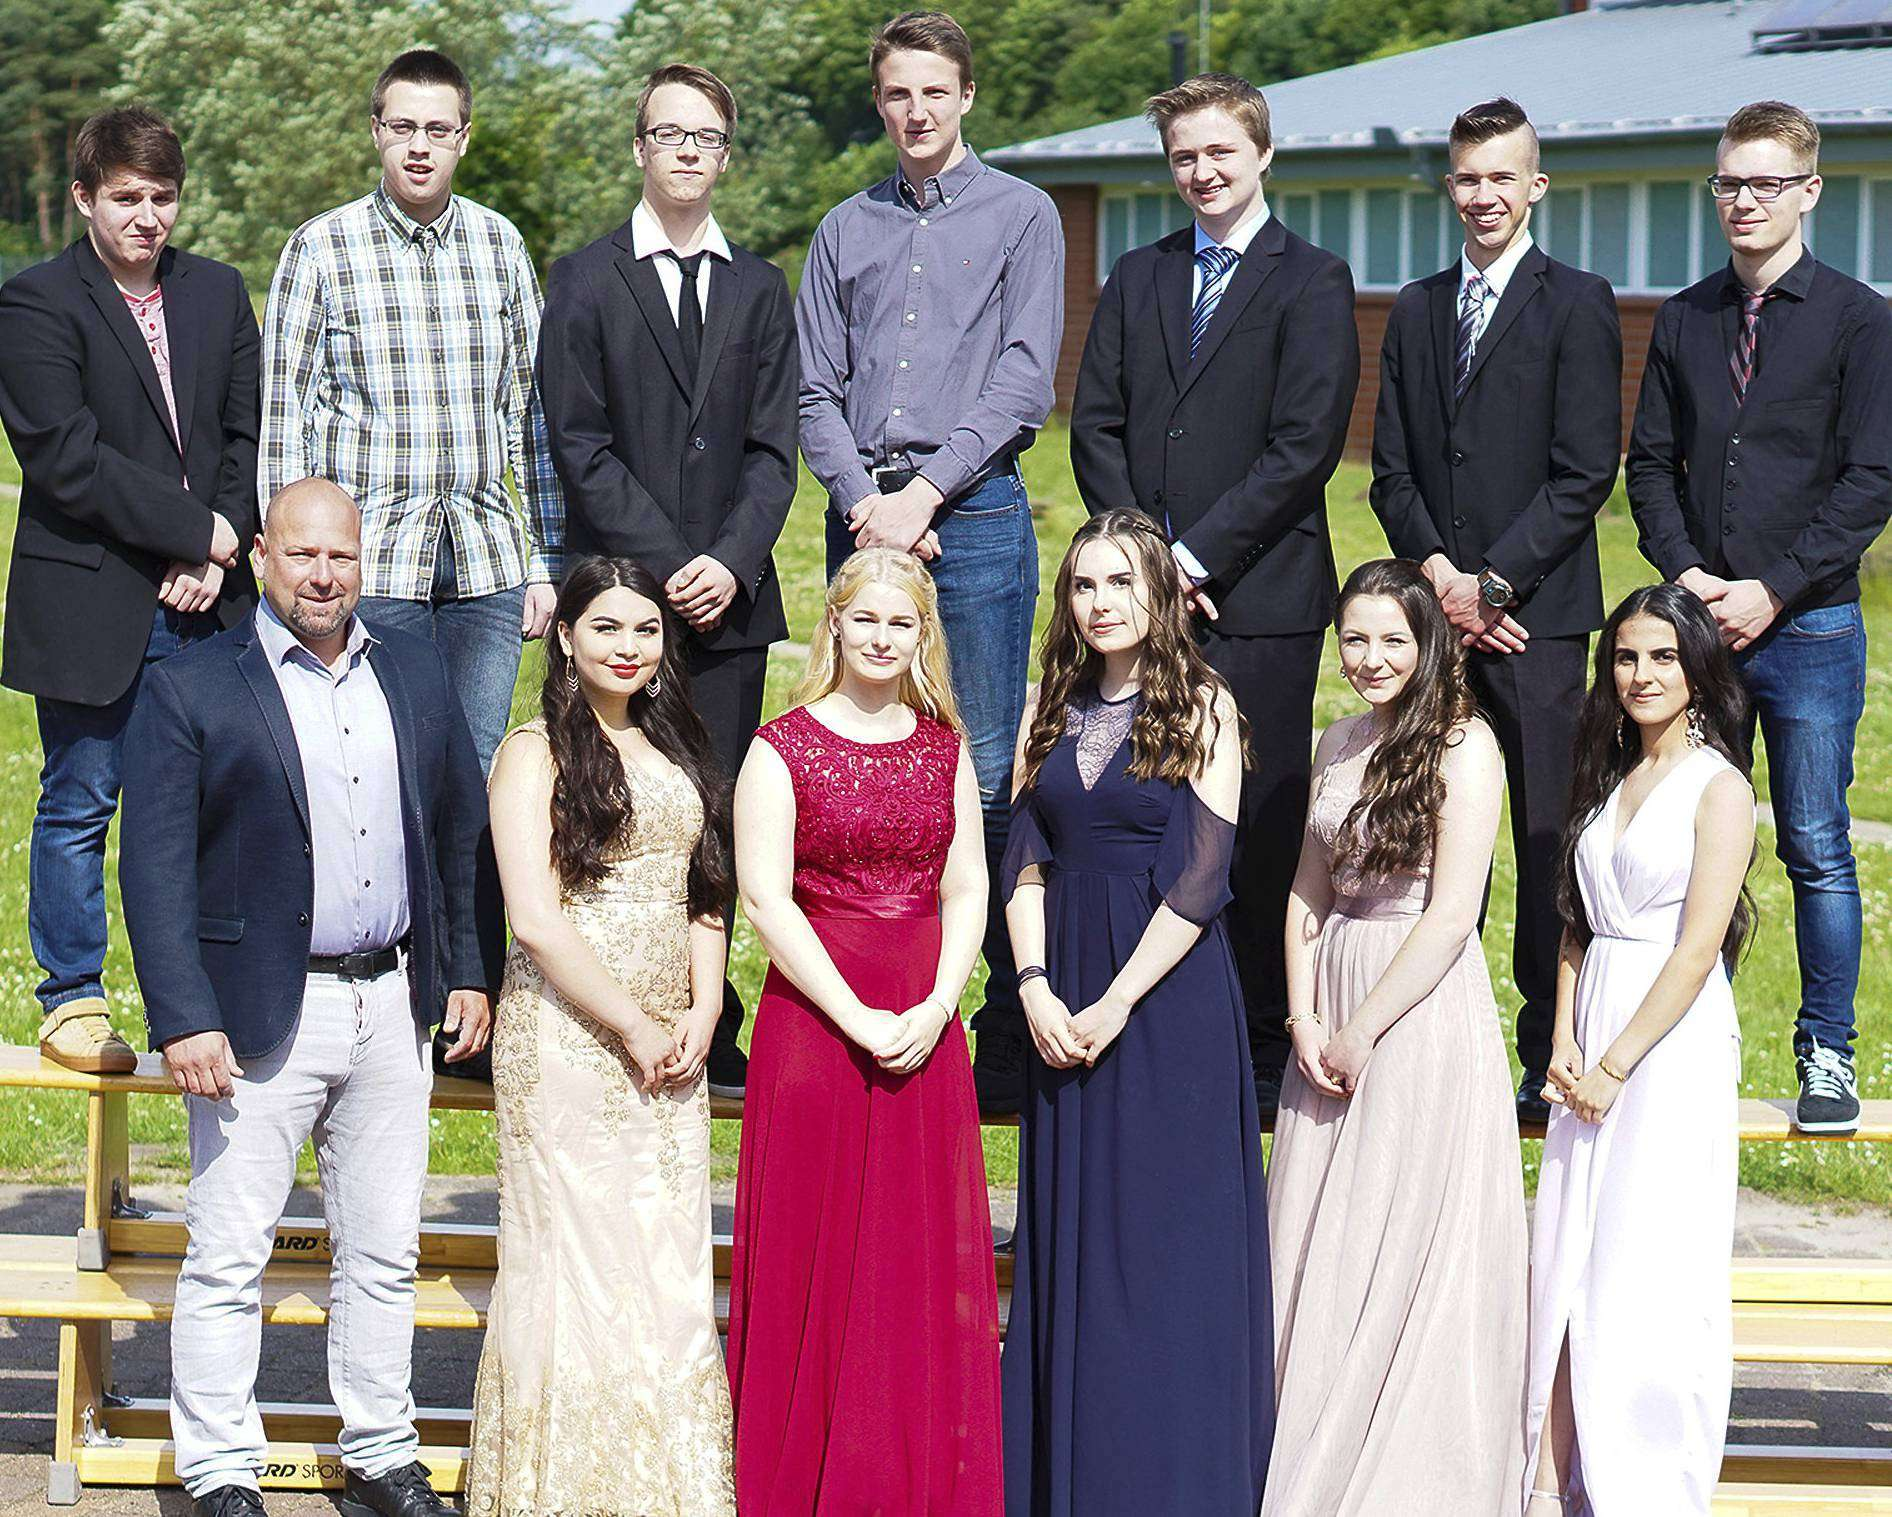 Die Abschlussklasse 10a der Fintauschule.